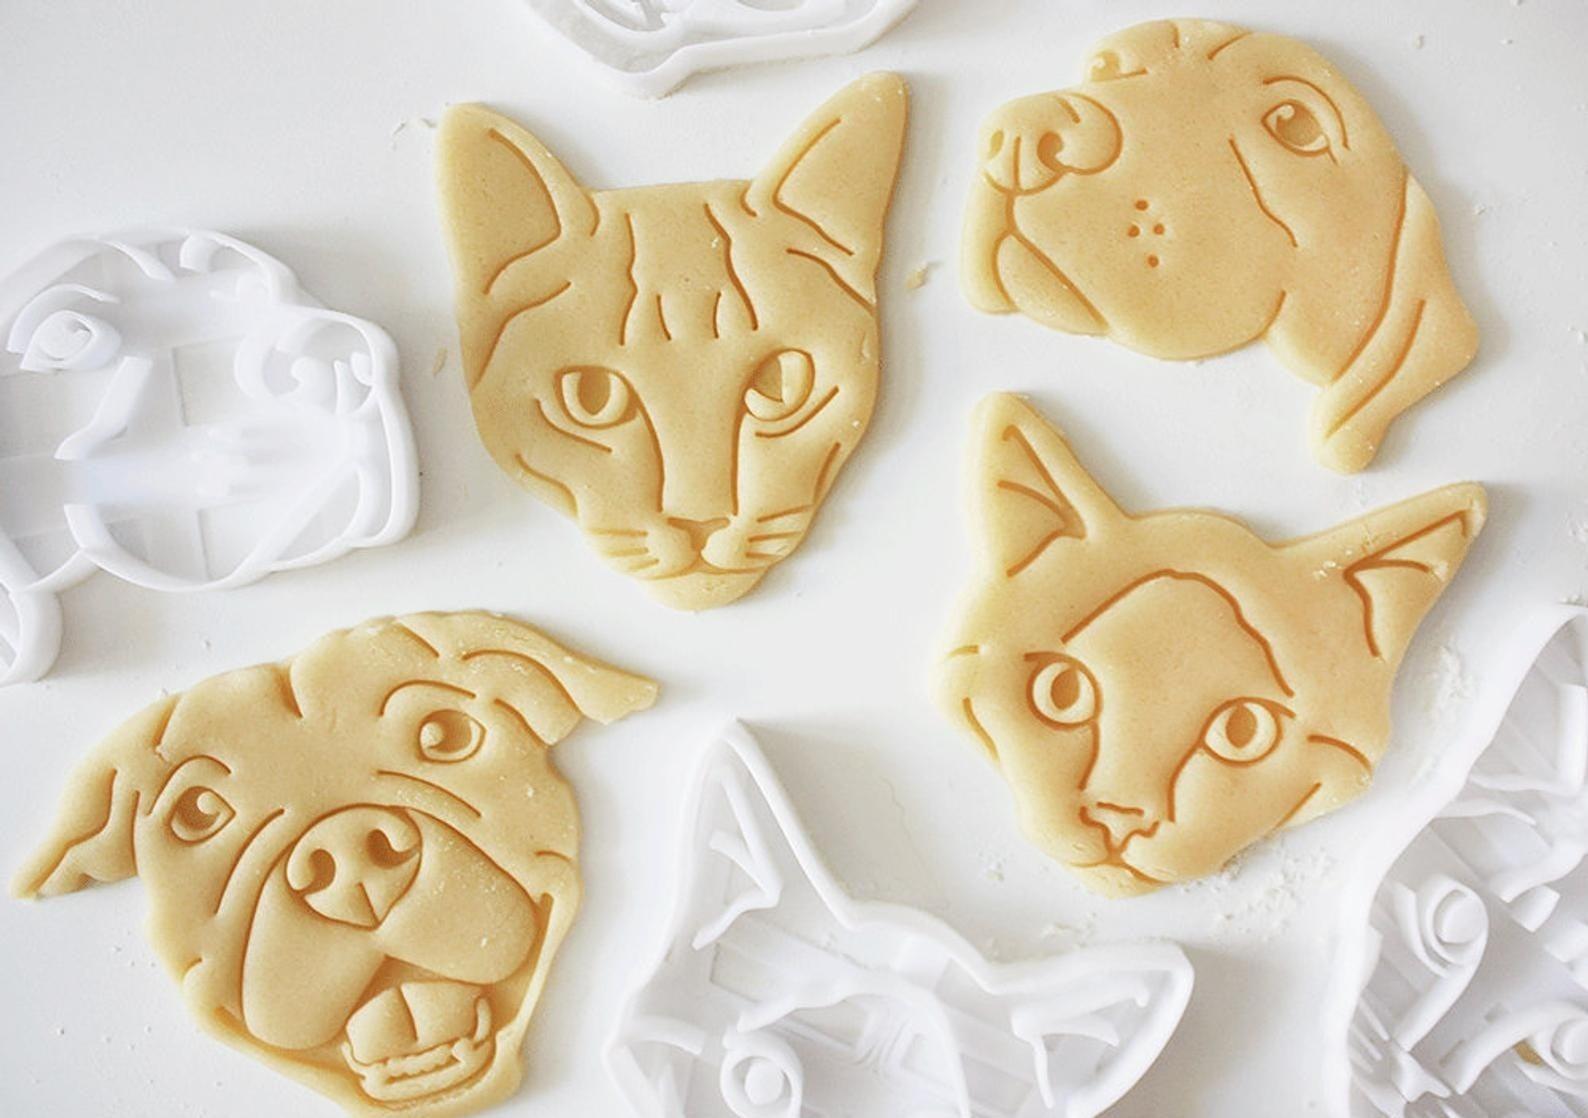 various pet cookies